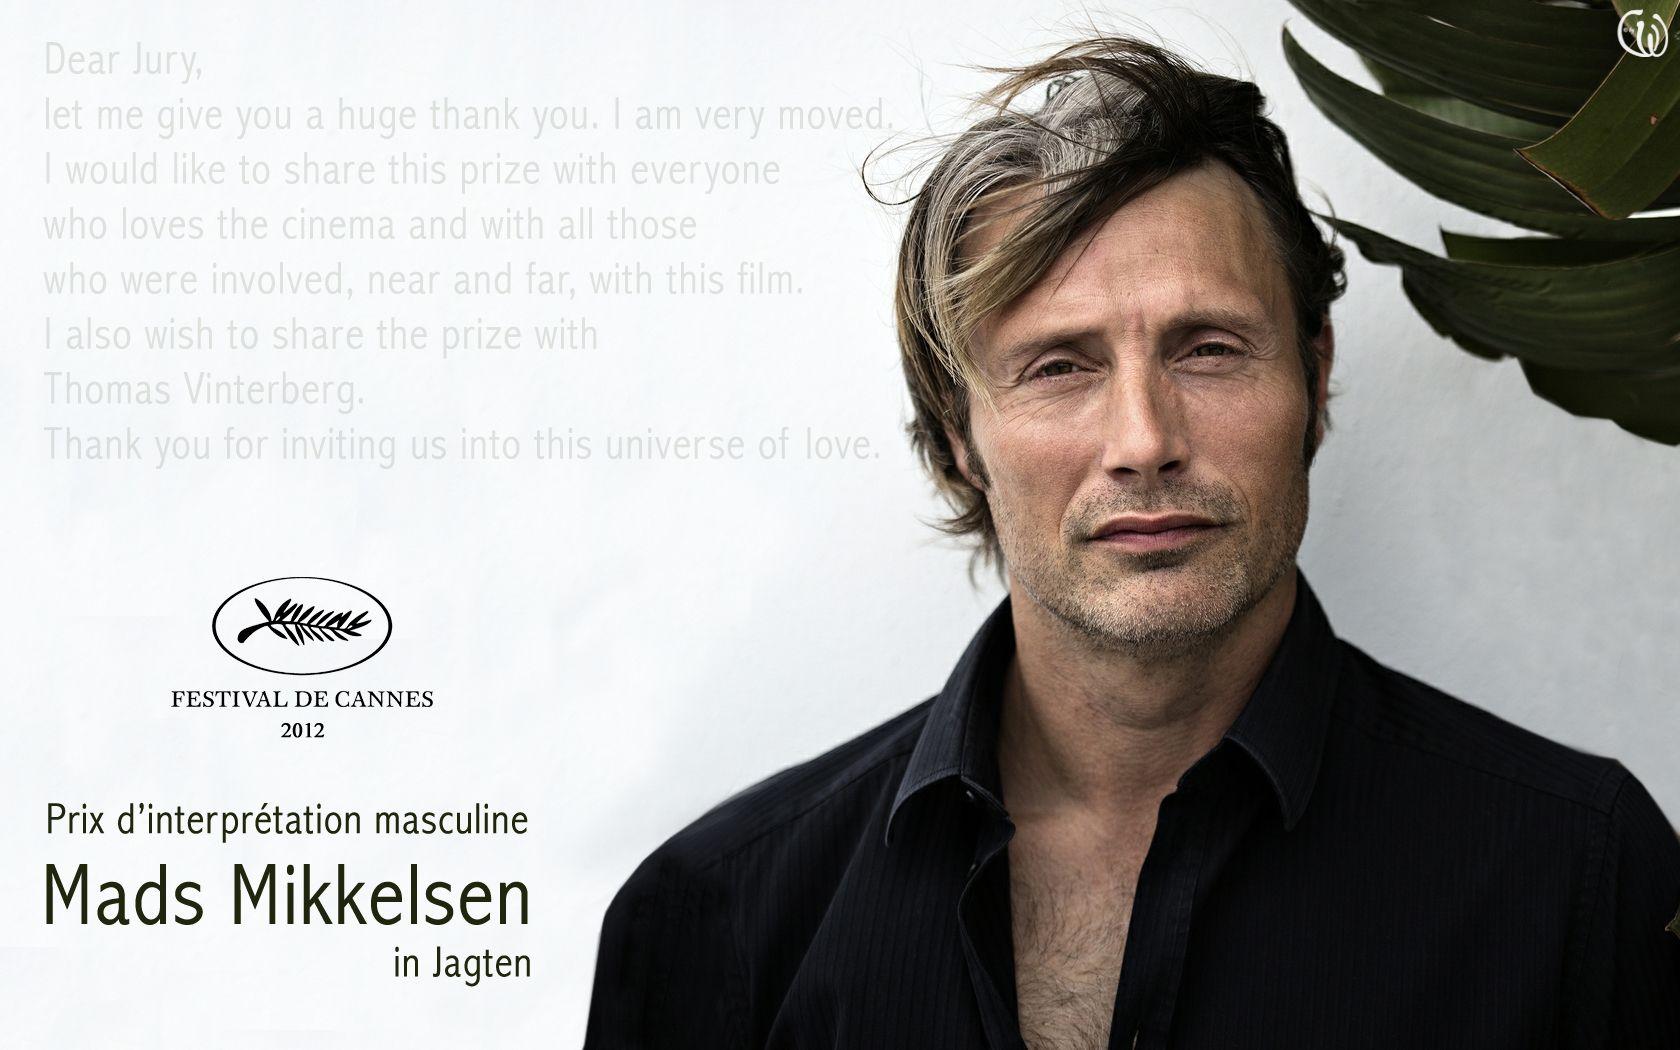 Mads Mikkelsen Wallpaper Mads Mikkelsen Winner In Cannes Mads Mikkelsen Cannes Best Actor